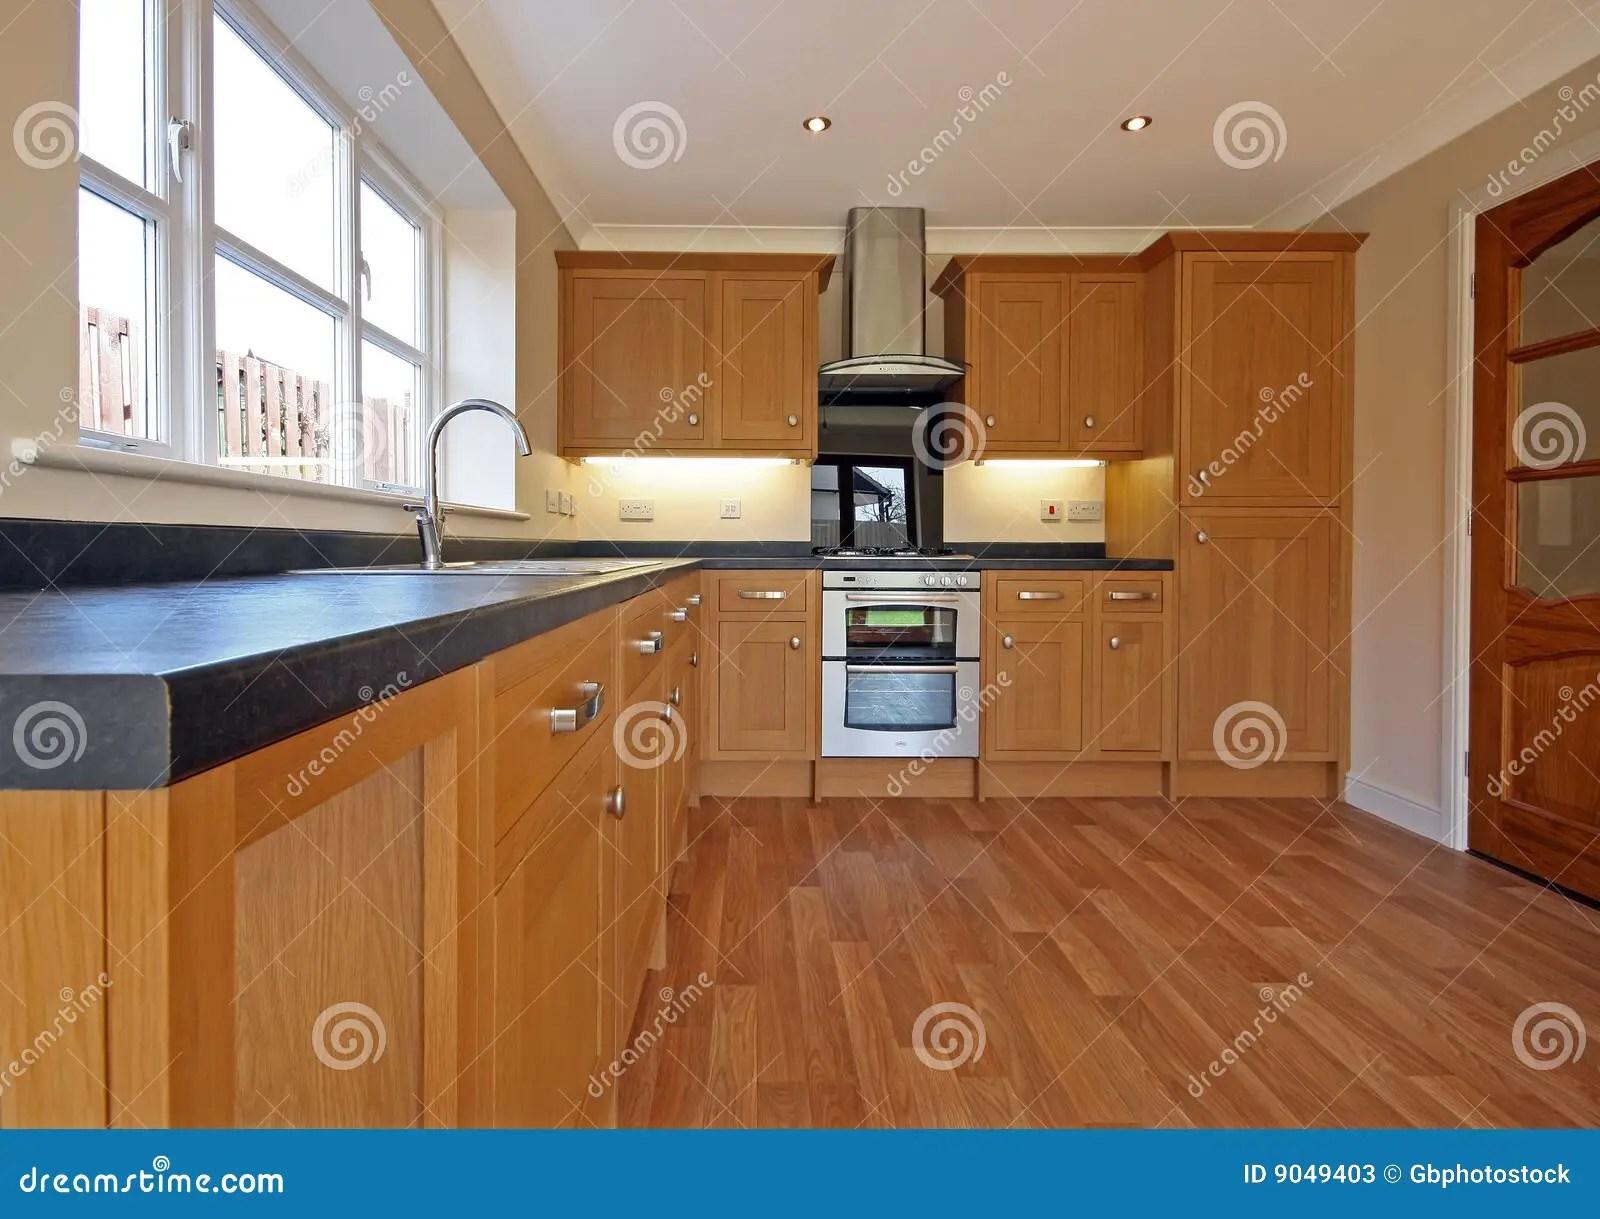 Outdoorküche Arbeitsplatte Verleih : Küche erle modern welche arbeitsplatte zu erle küche